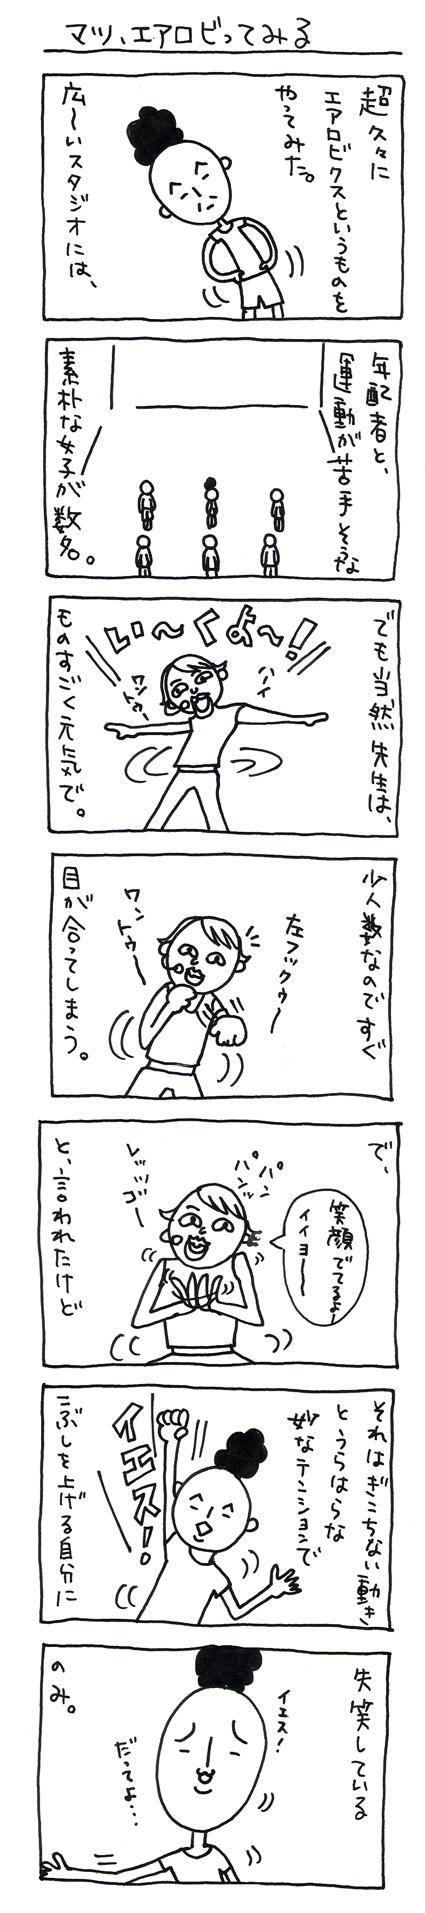 エアロビクスー